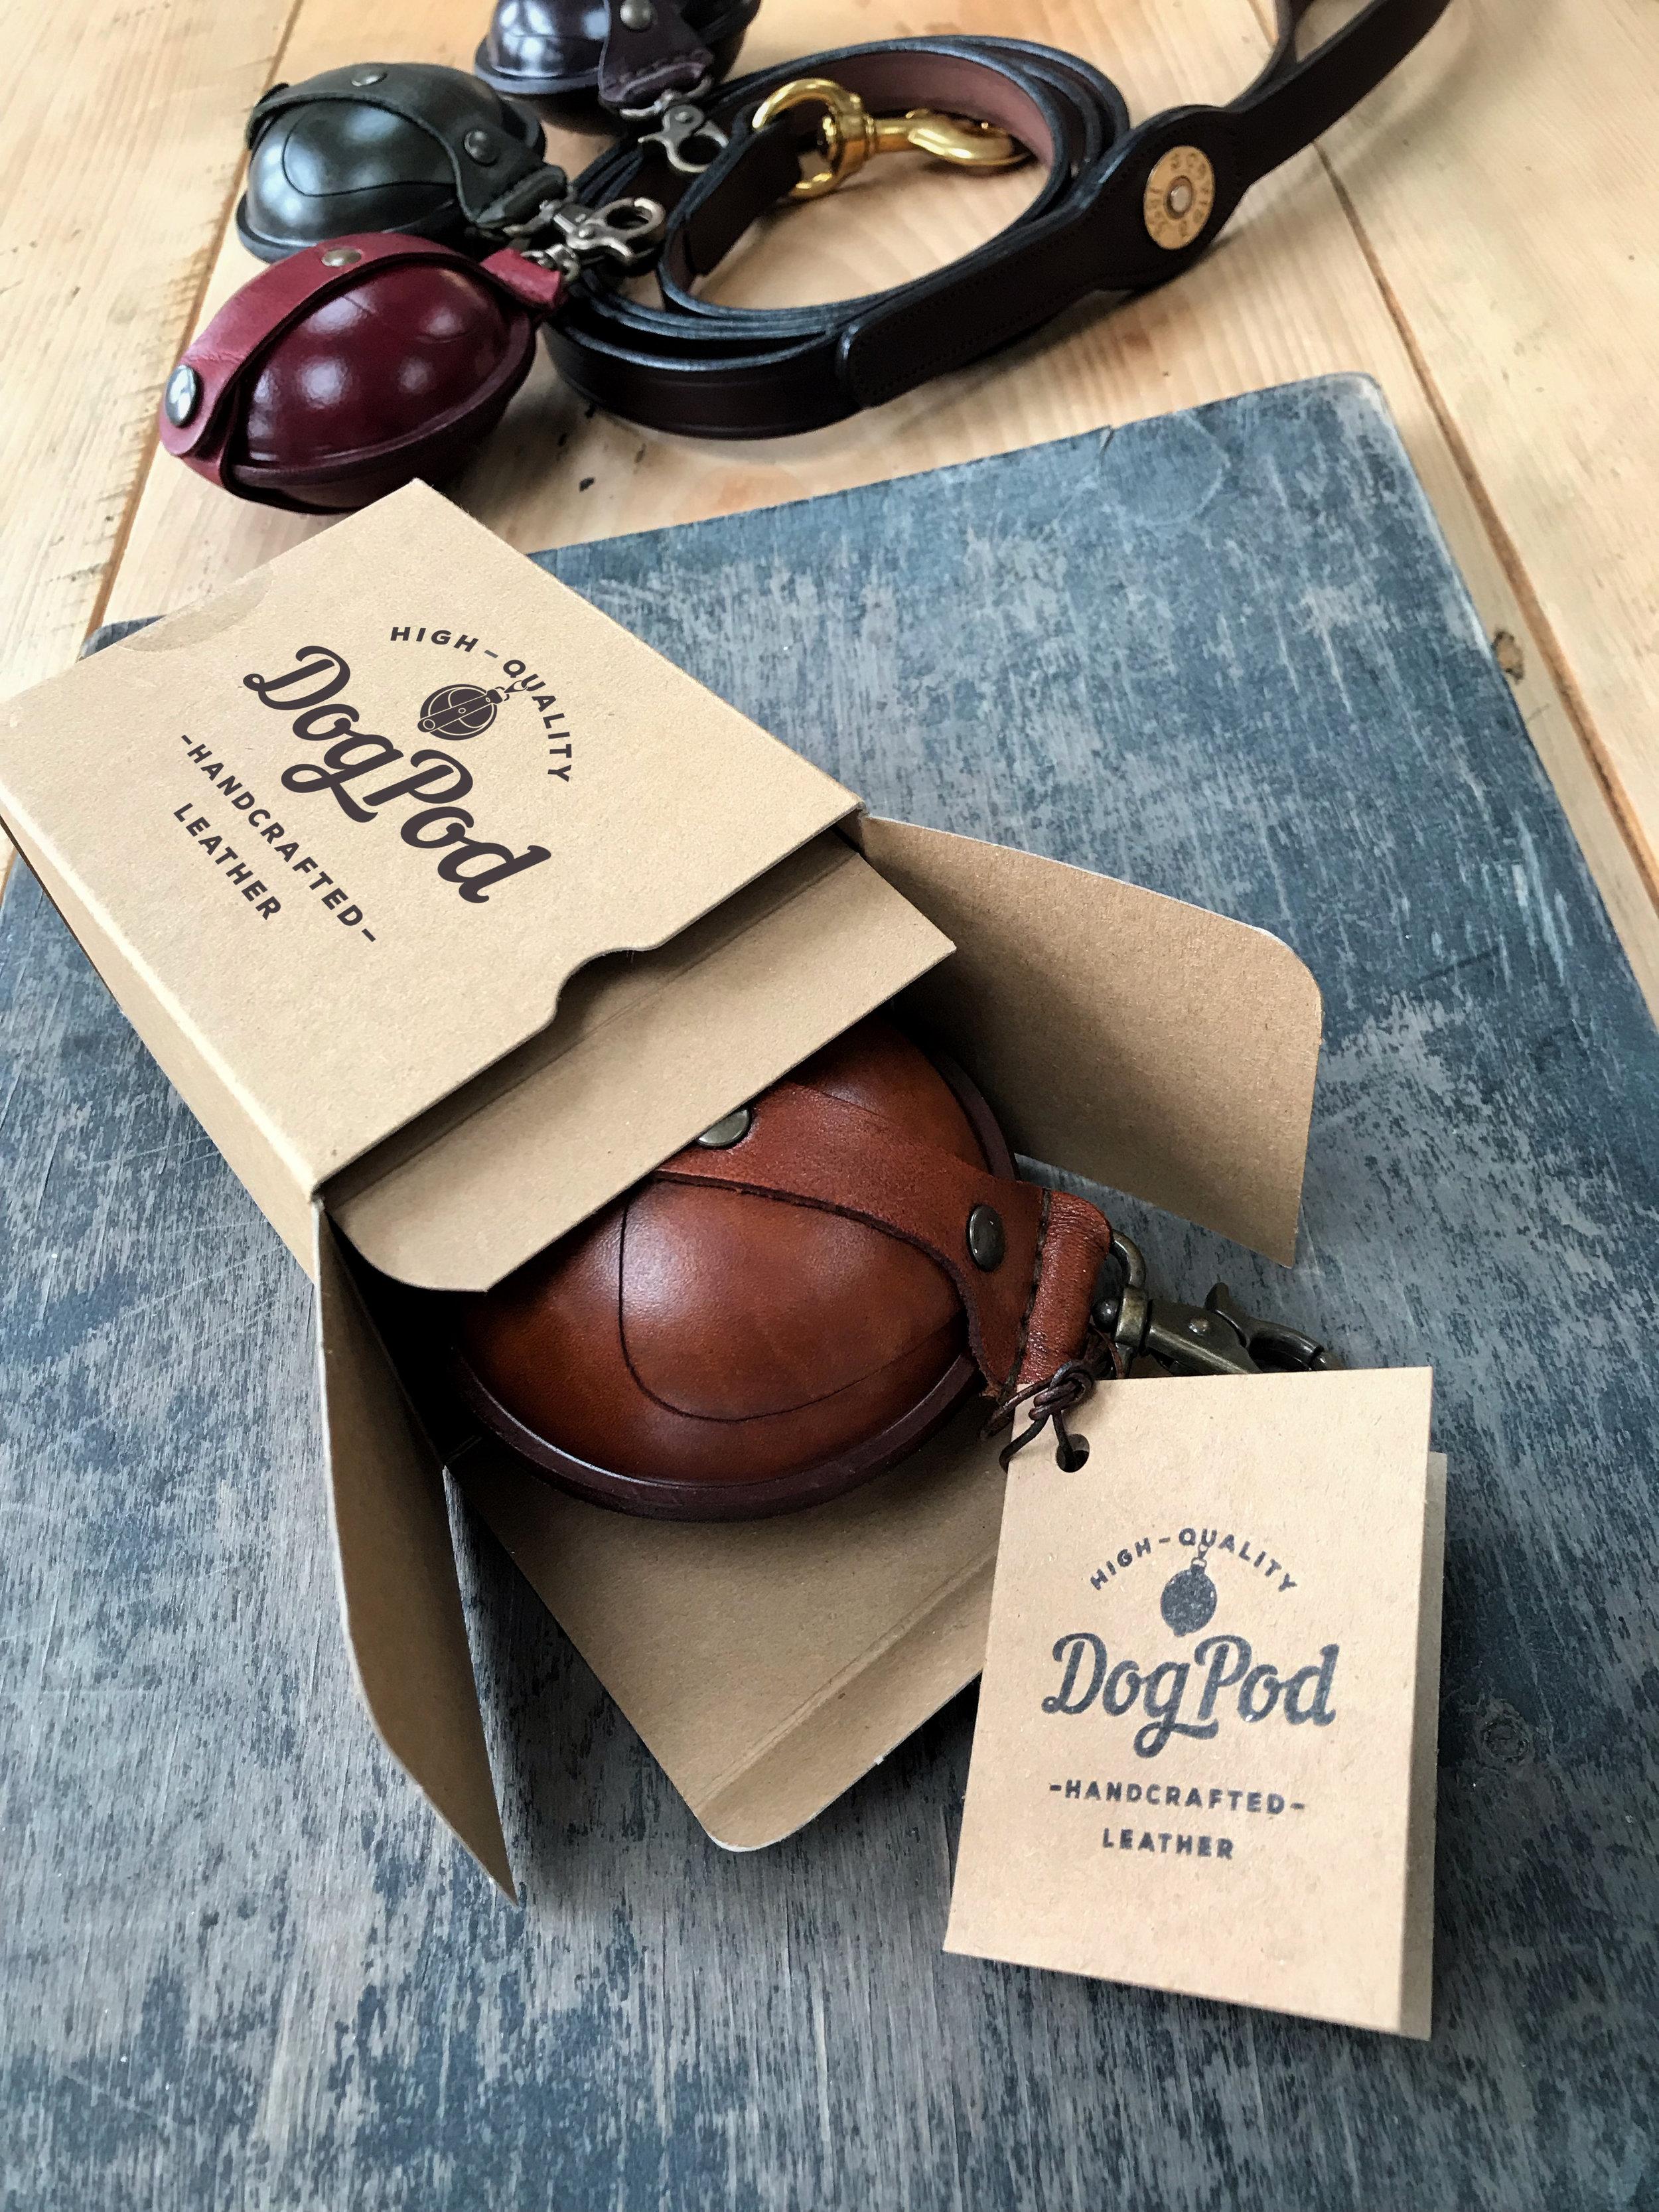 hazelnut-dogpod-in-branded-packaging.jpg